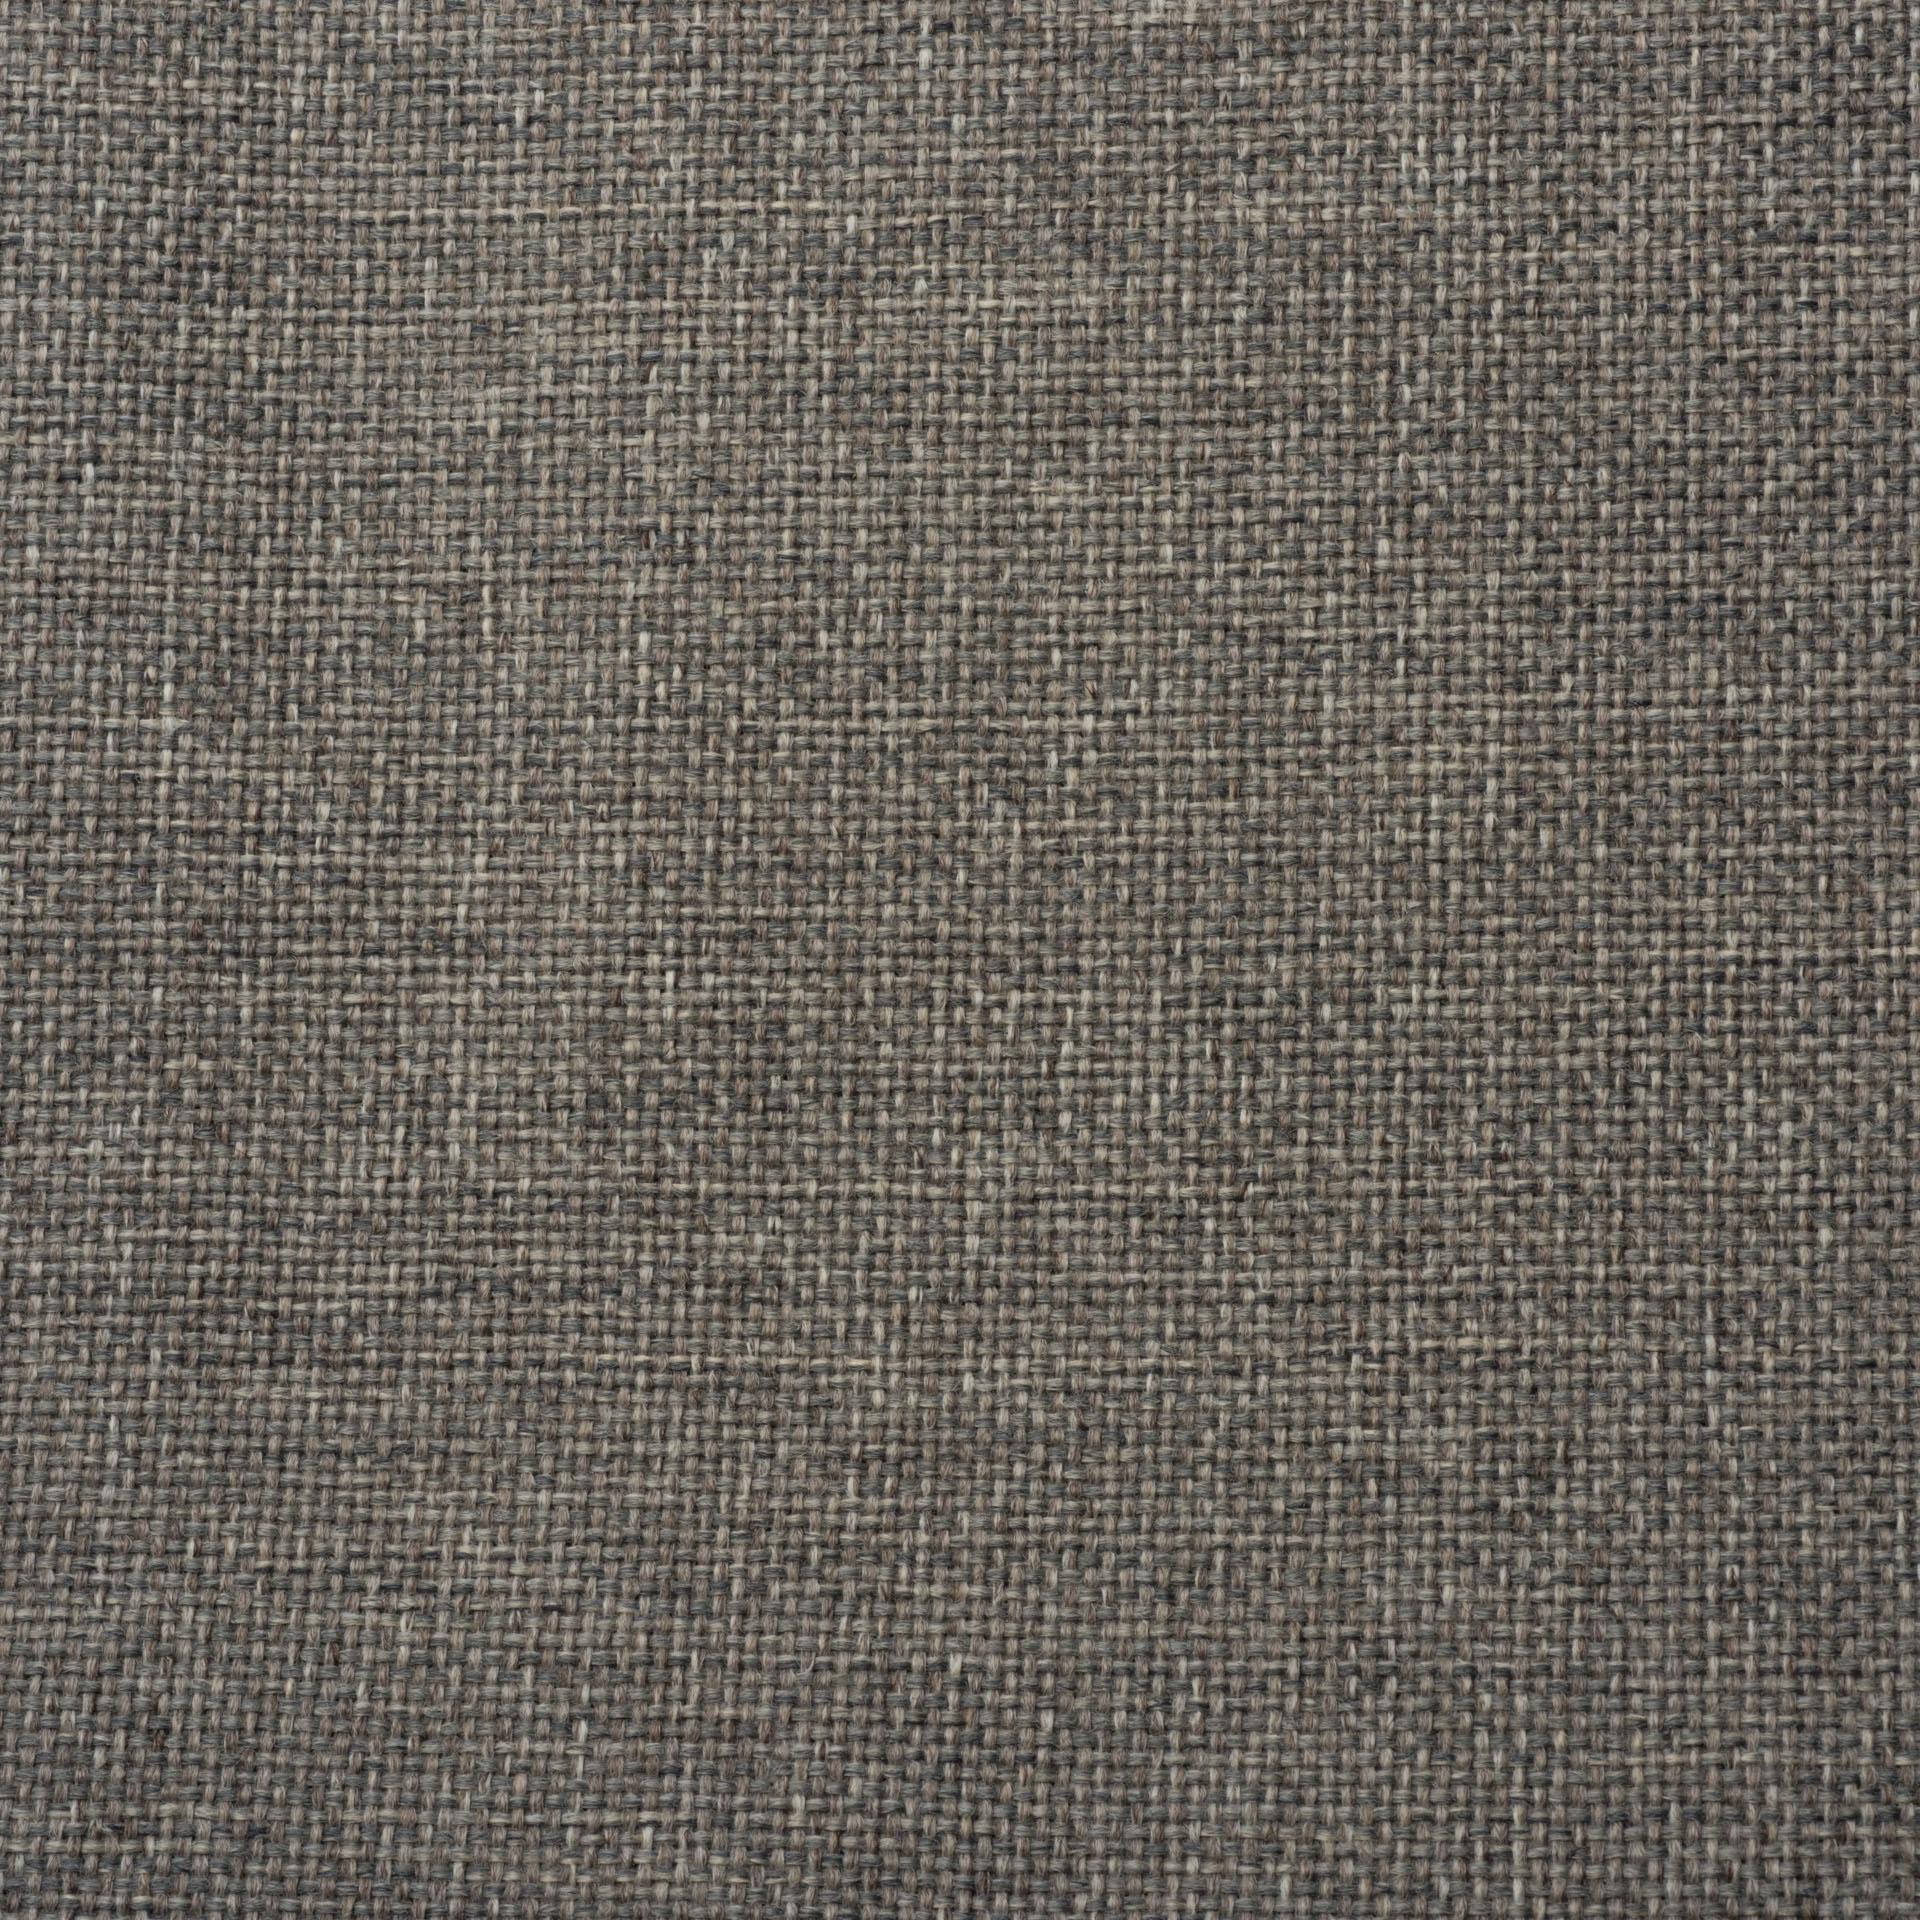 Коллекция ткани Инарис 90,  купить ткань Рогожка для мебели Украина